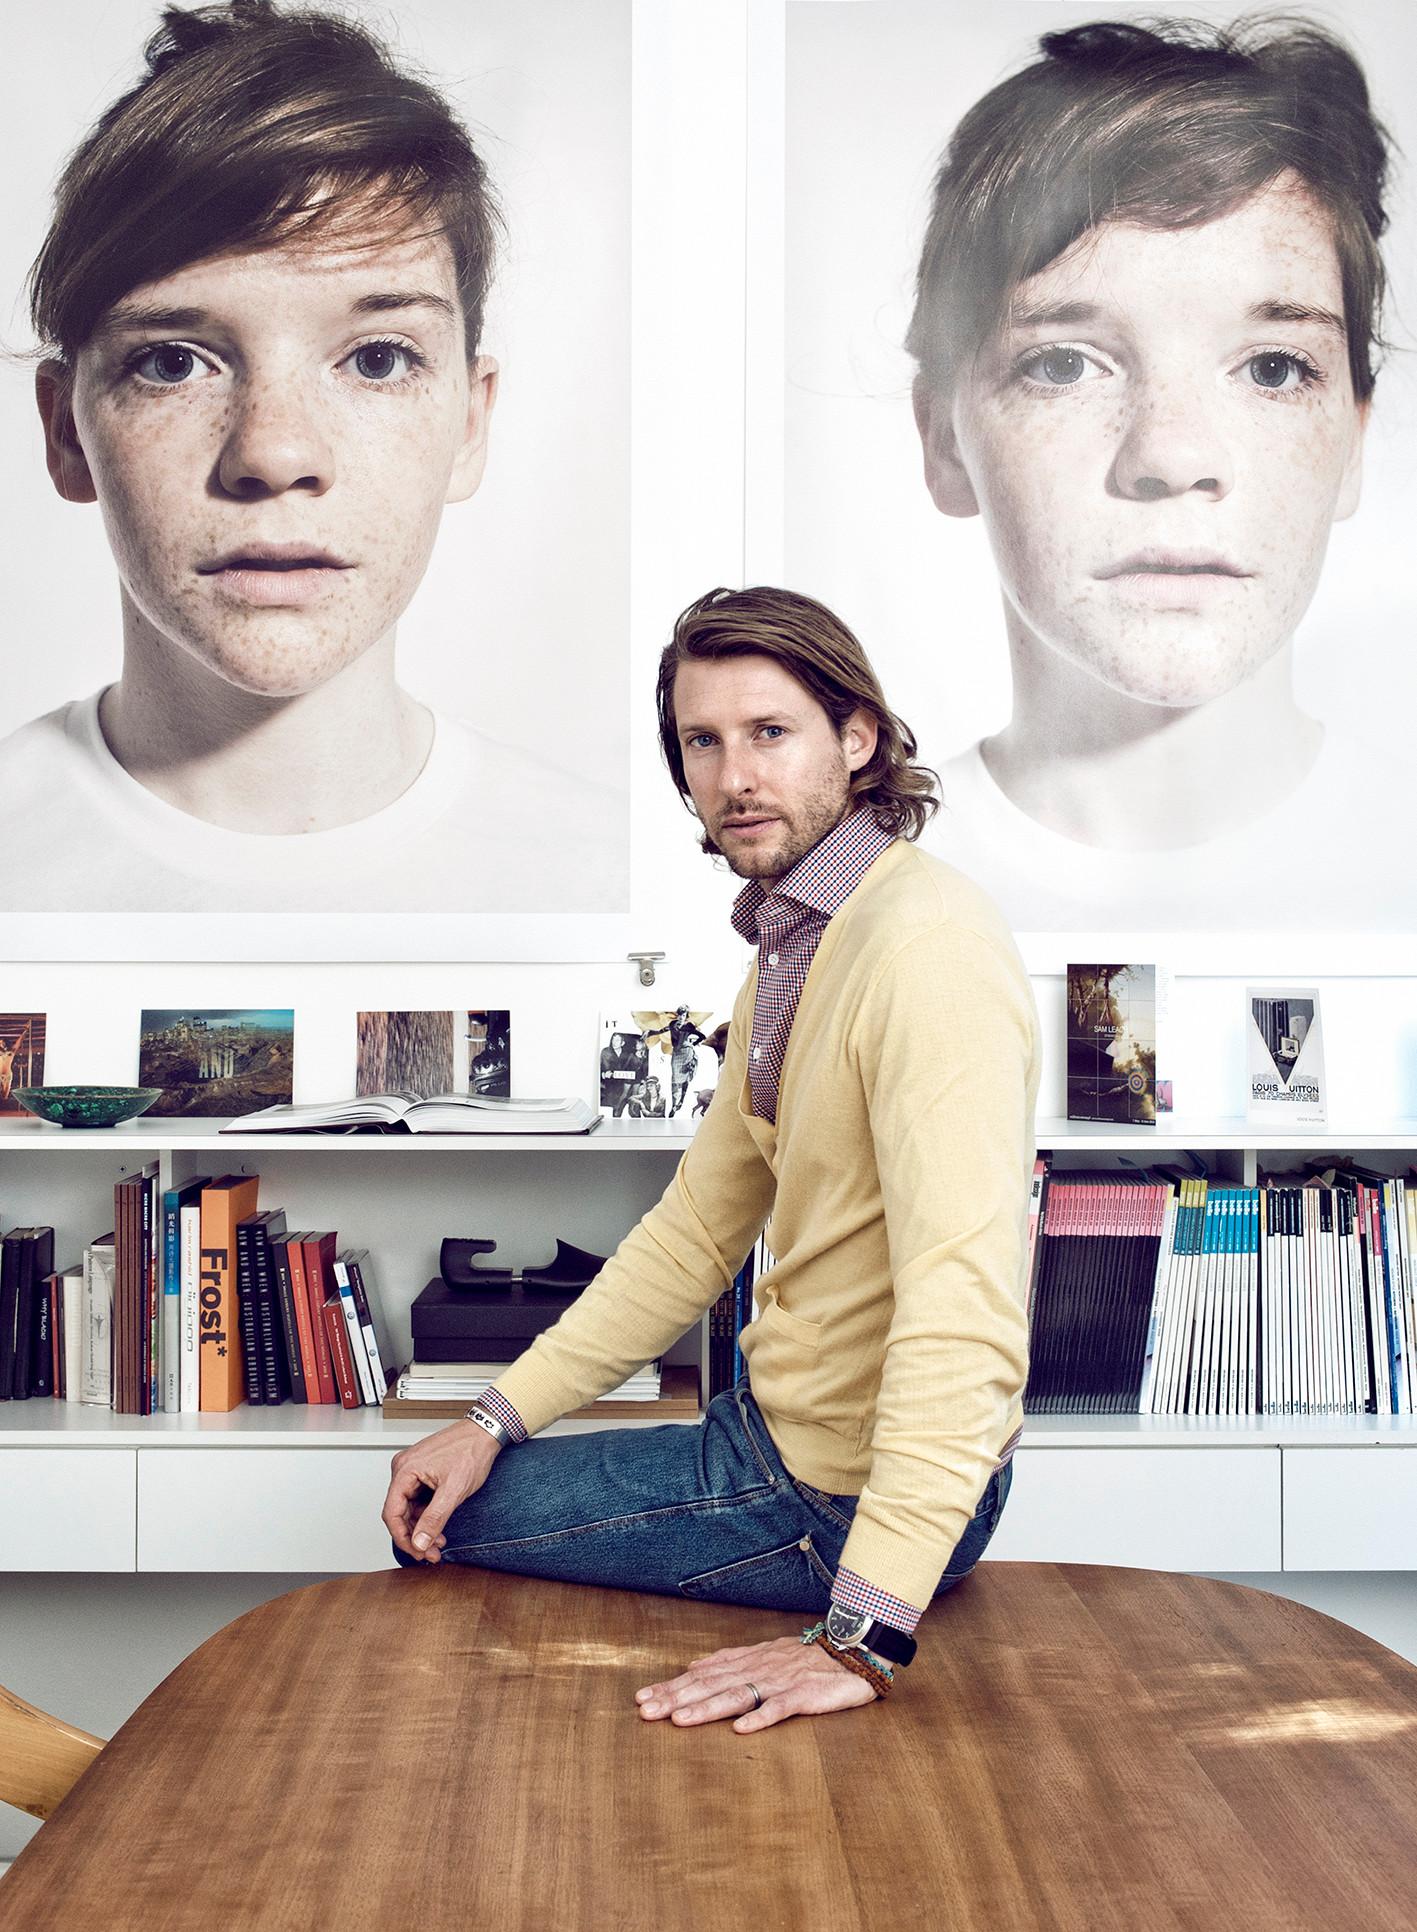 Nick Tobias for Wallpaper Magazine